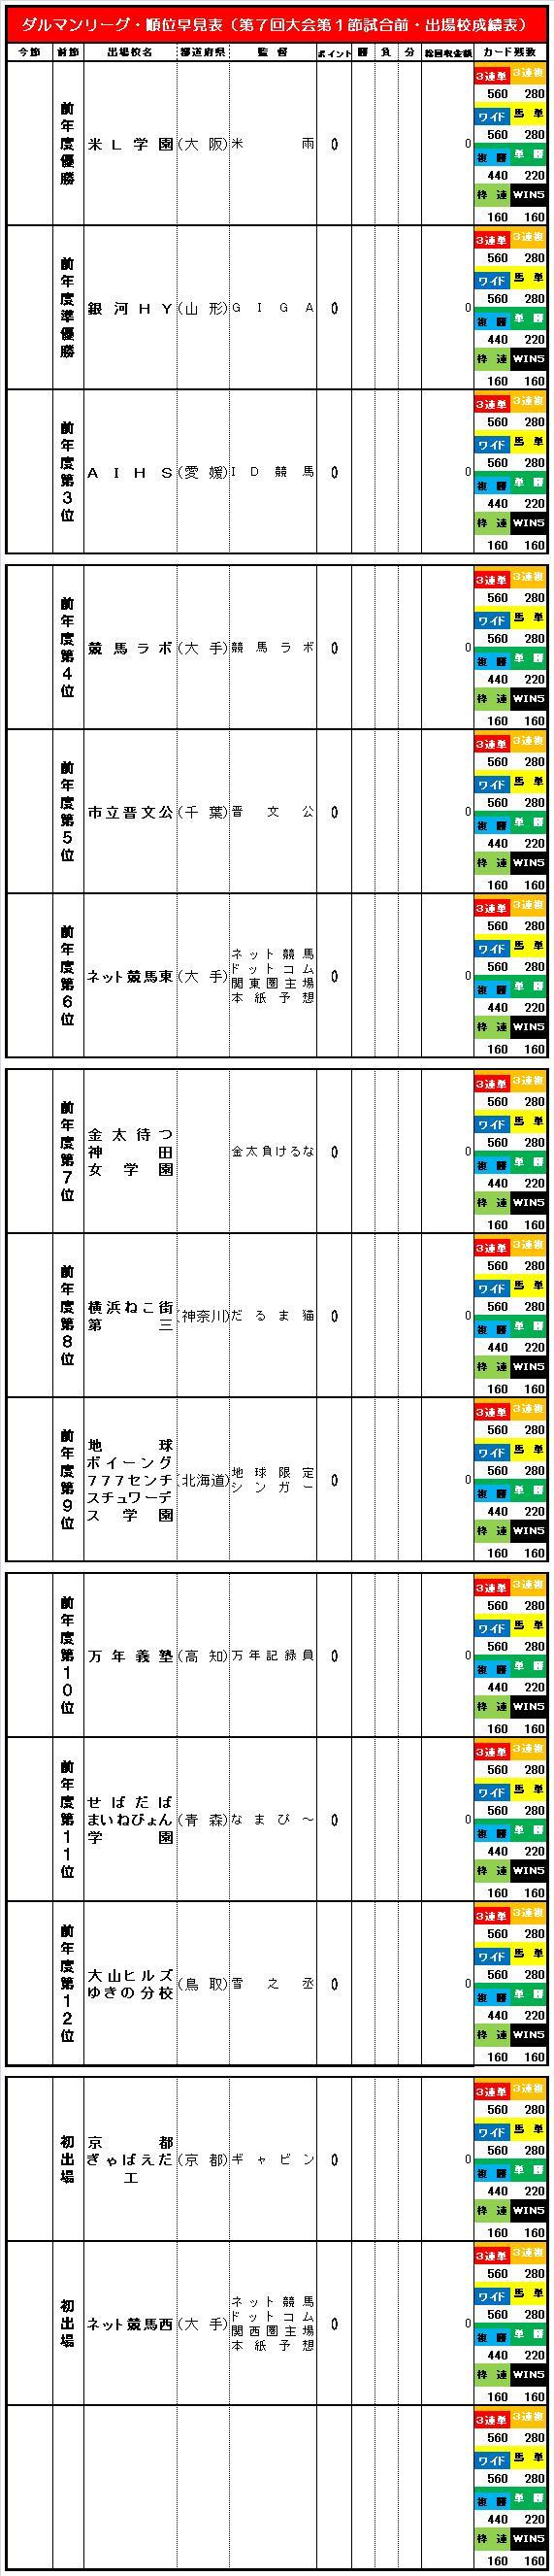 20150528・ダルマンリーグ第1節試合前順位早見表簡易版⑥(通常版).jpg